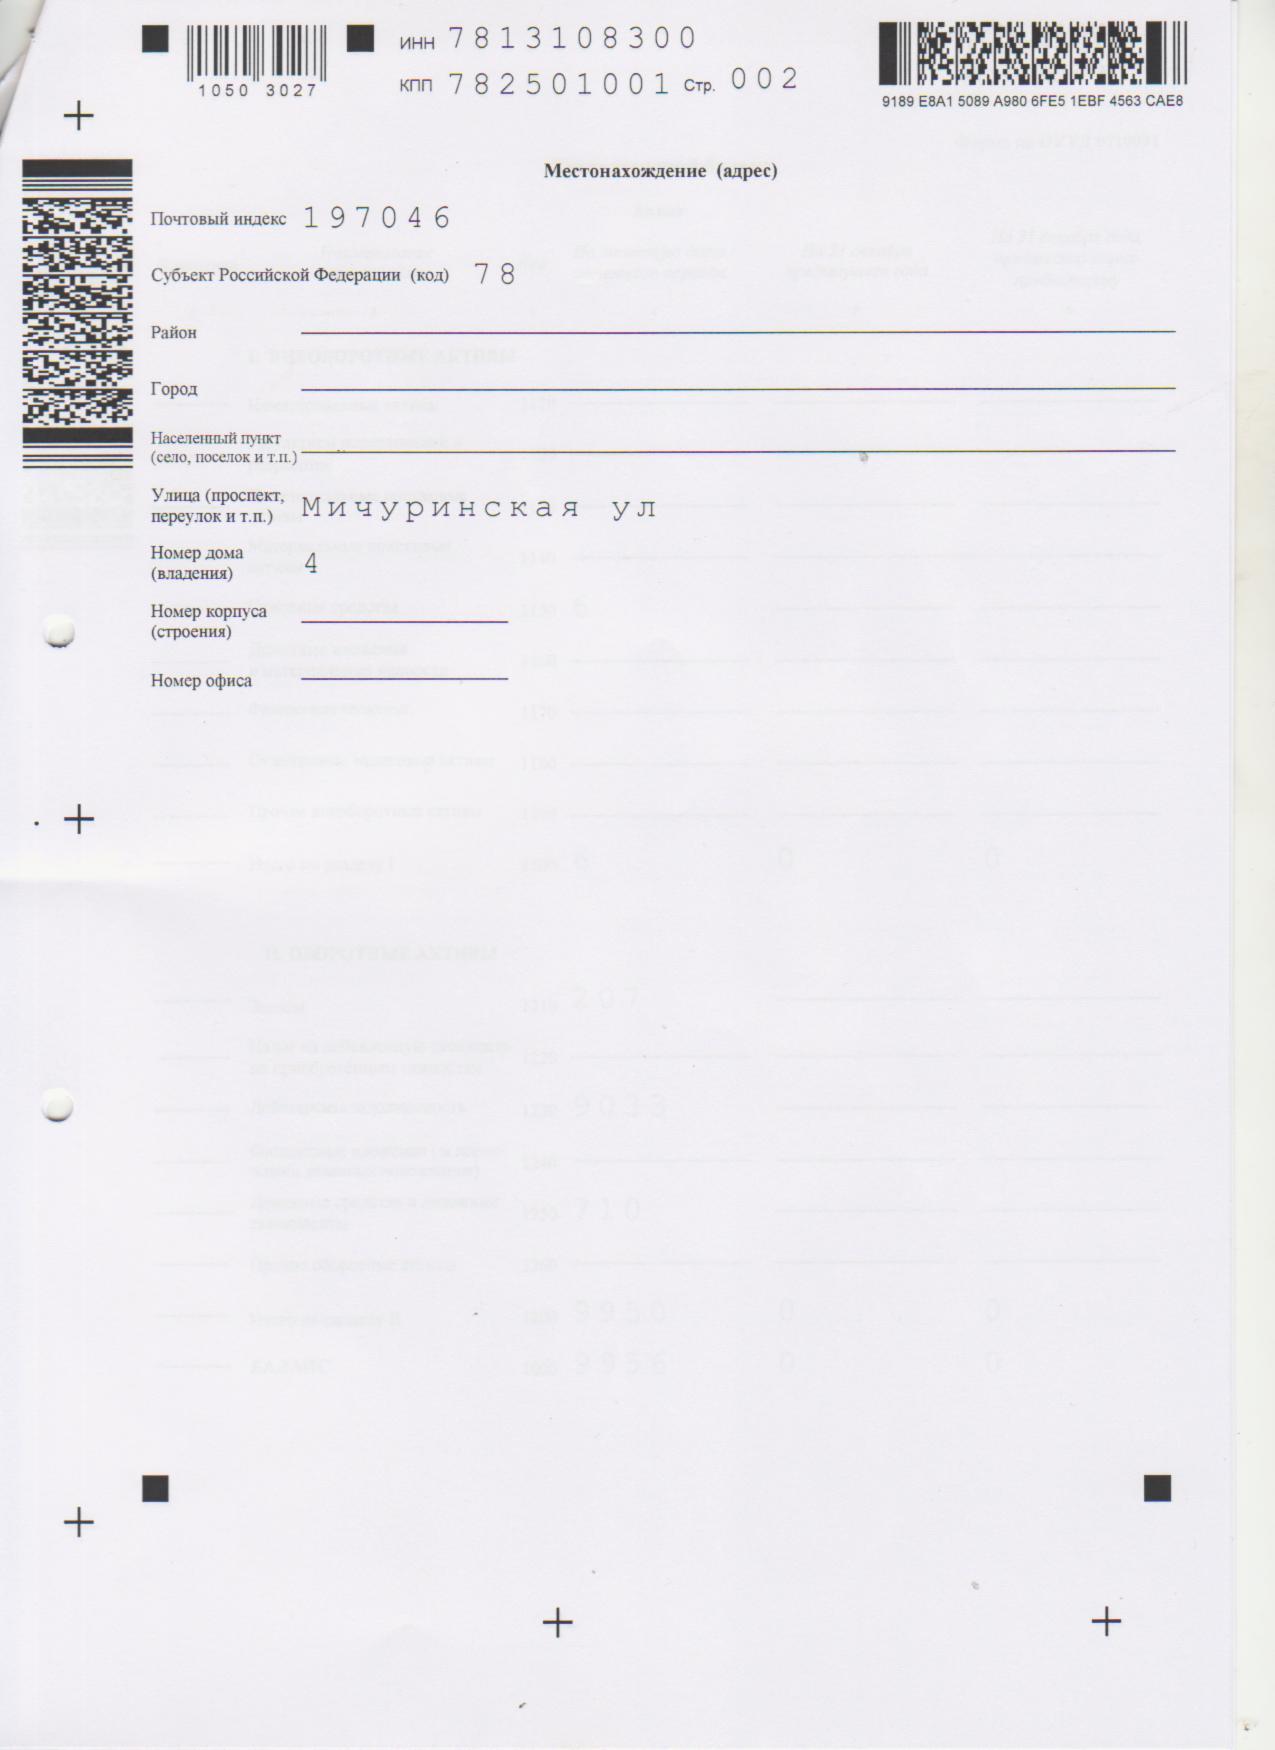 Бухгалтерская отчетность 2012 стр 2